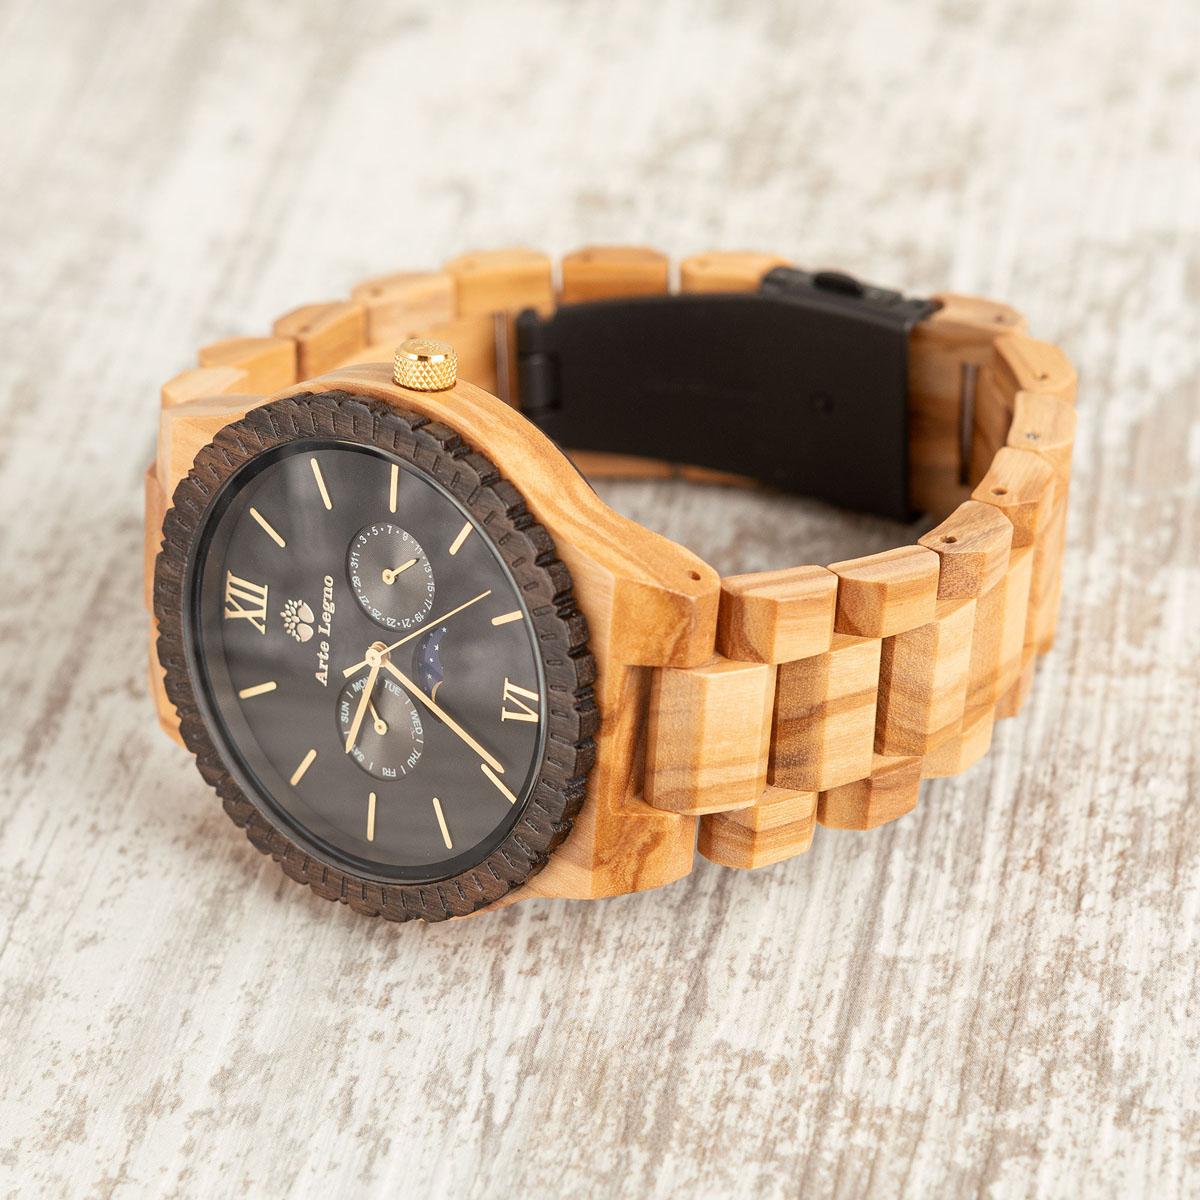 TK45 Armbanduhren aus Holz